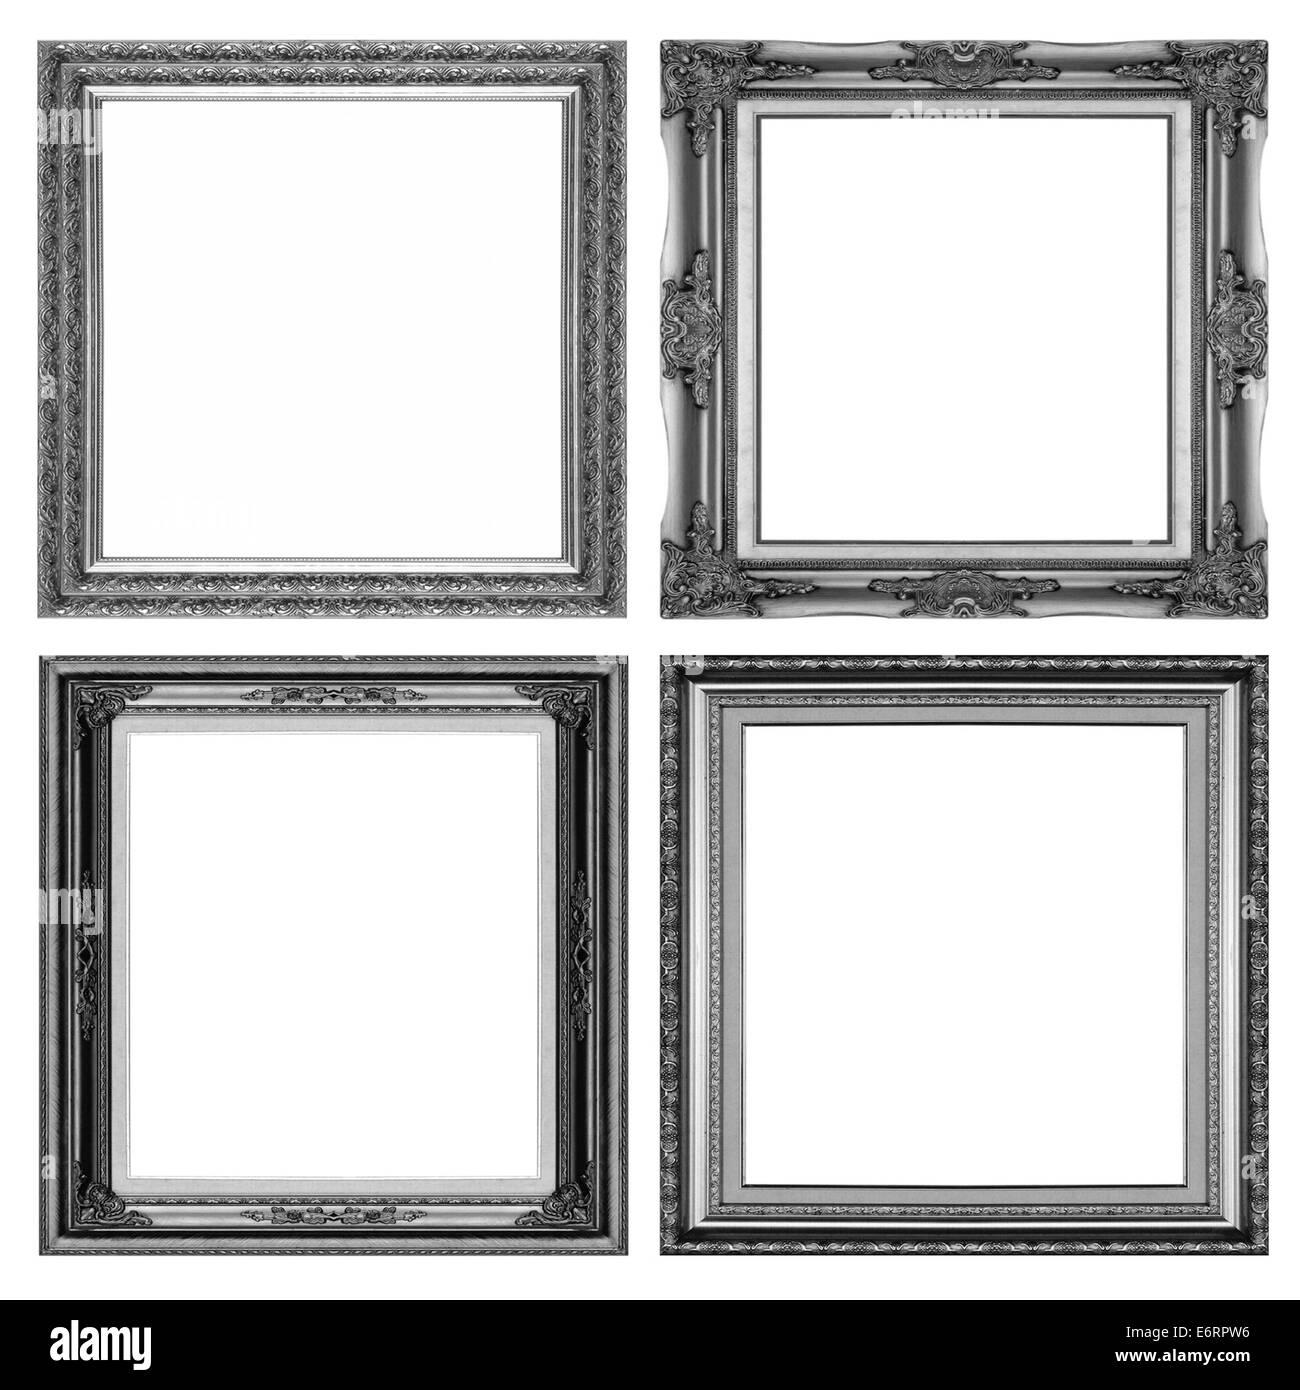 Erfreut Sternförmigen Bilderrahmen Fotos - Benutzerdefinierte ...